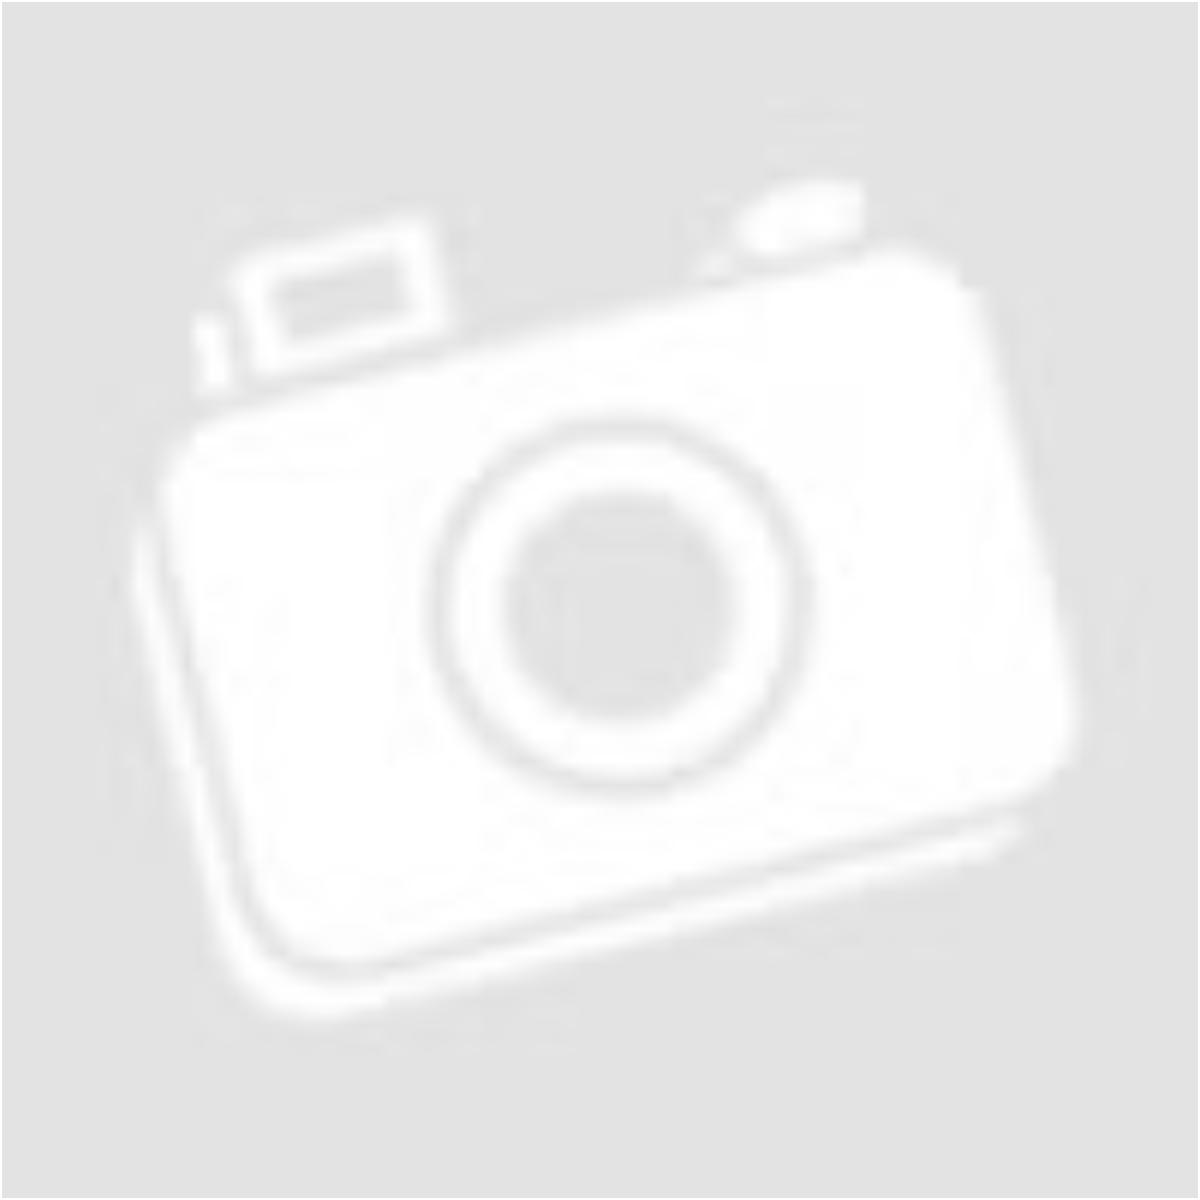 BIANCHI METHANOL CV FS 9.2 - XTR/XT 1X12SP kerékpár